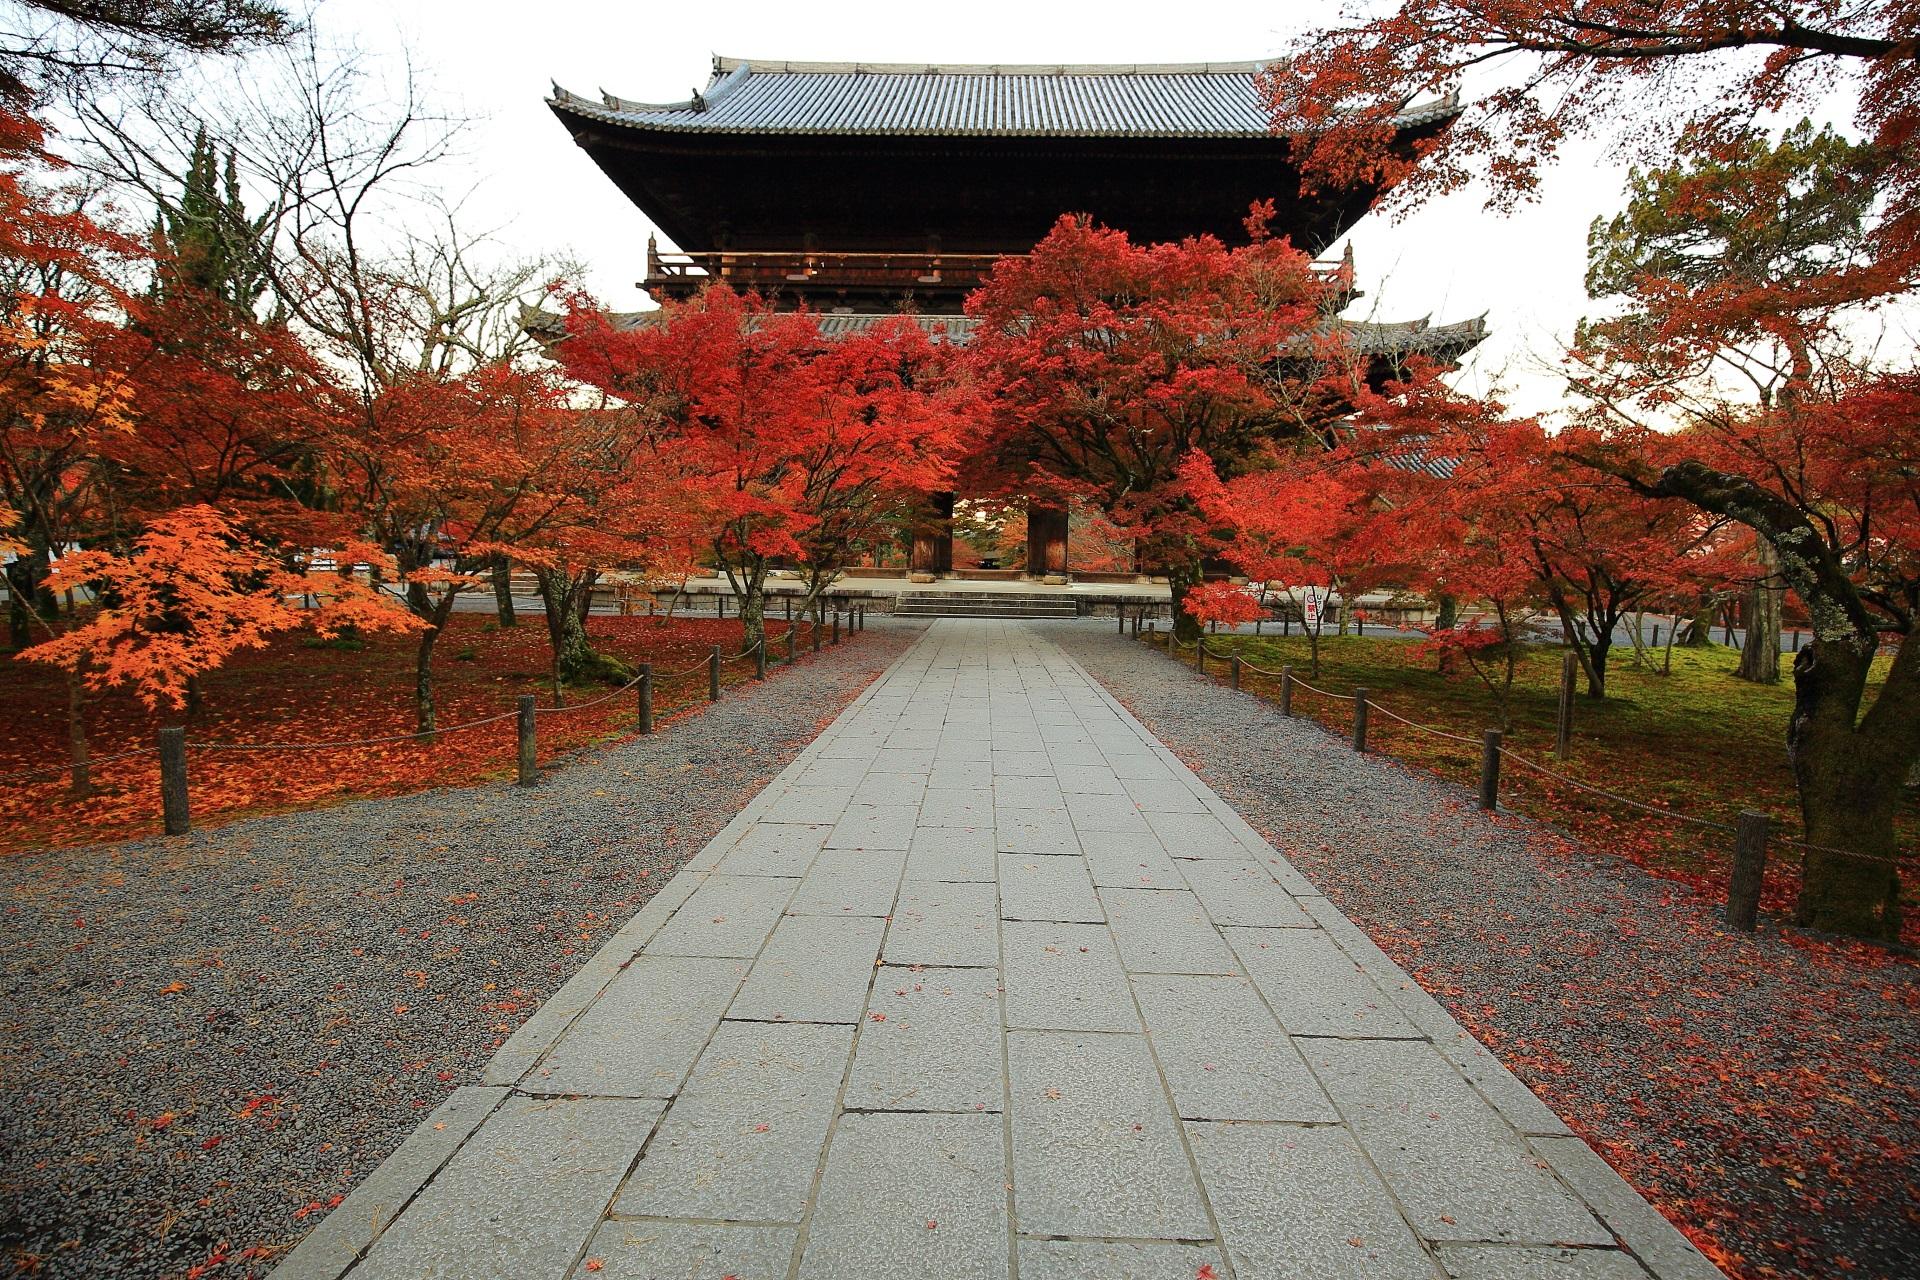 南禅寺 紅葉 秋に彩られる圧巻のもみじの名所